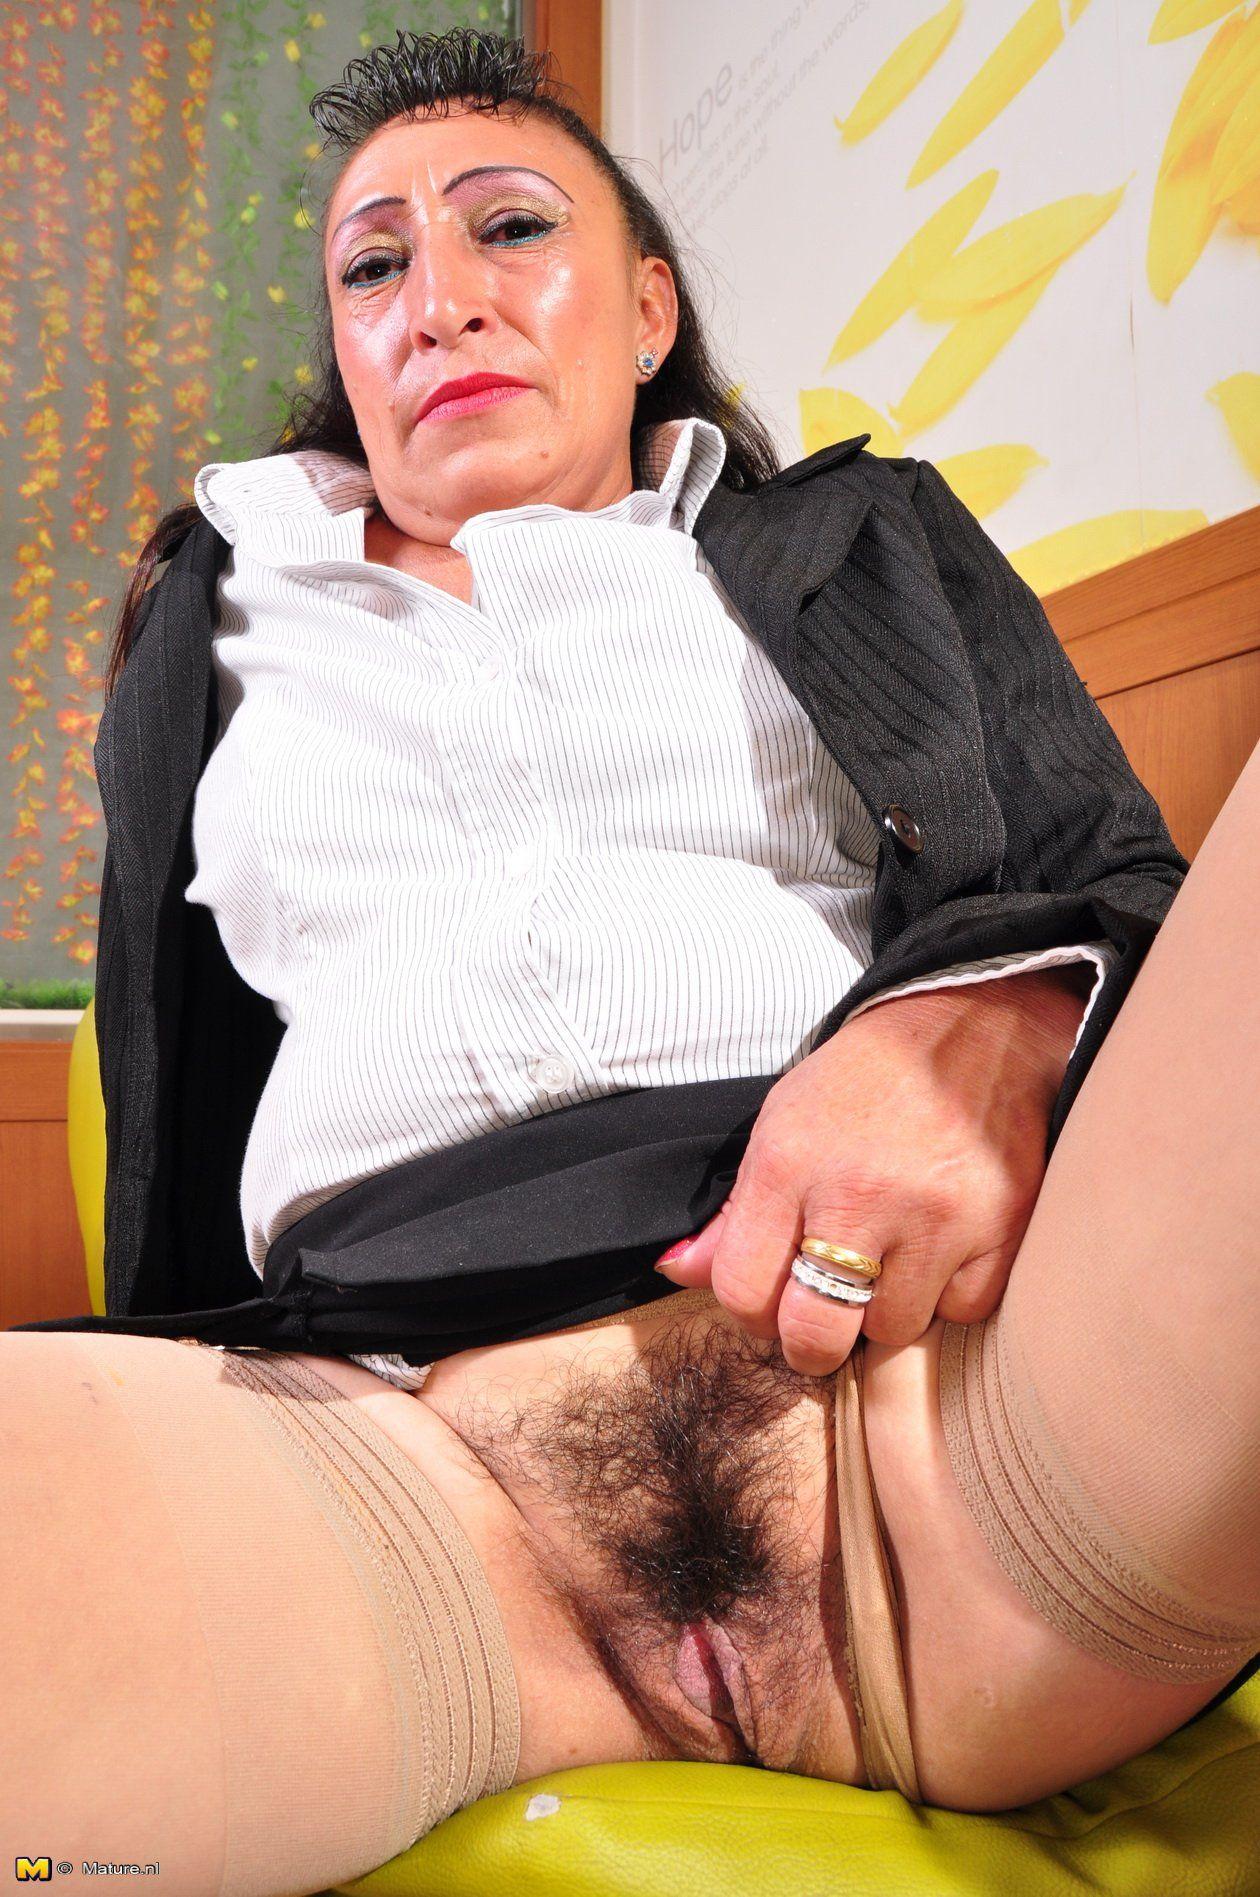 Alyssa milano nude scene video